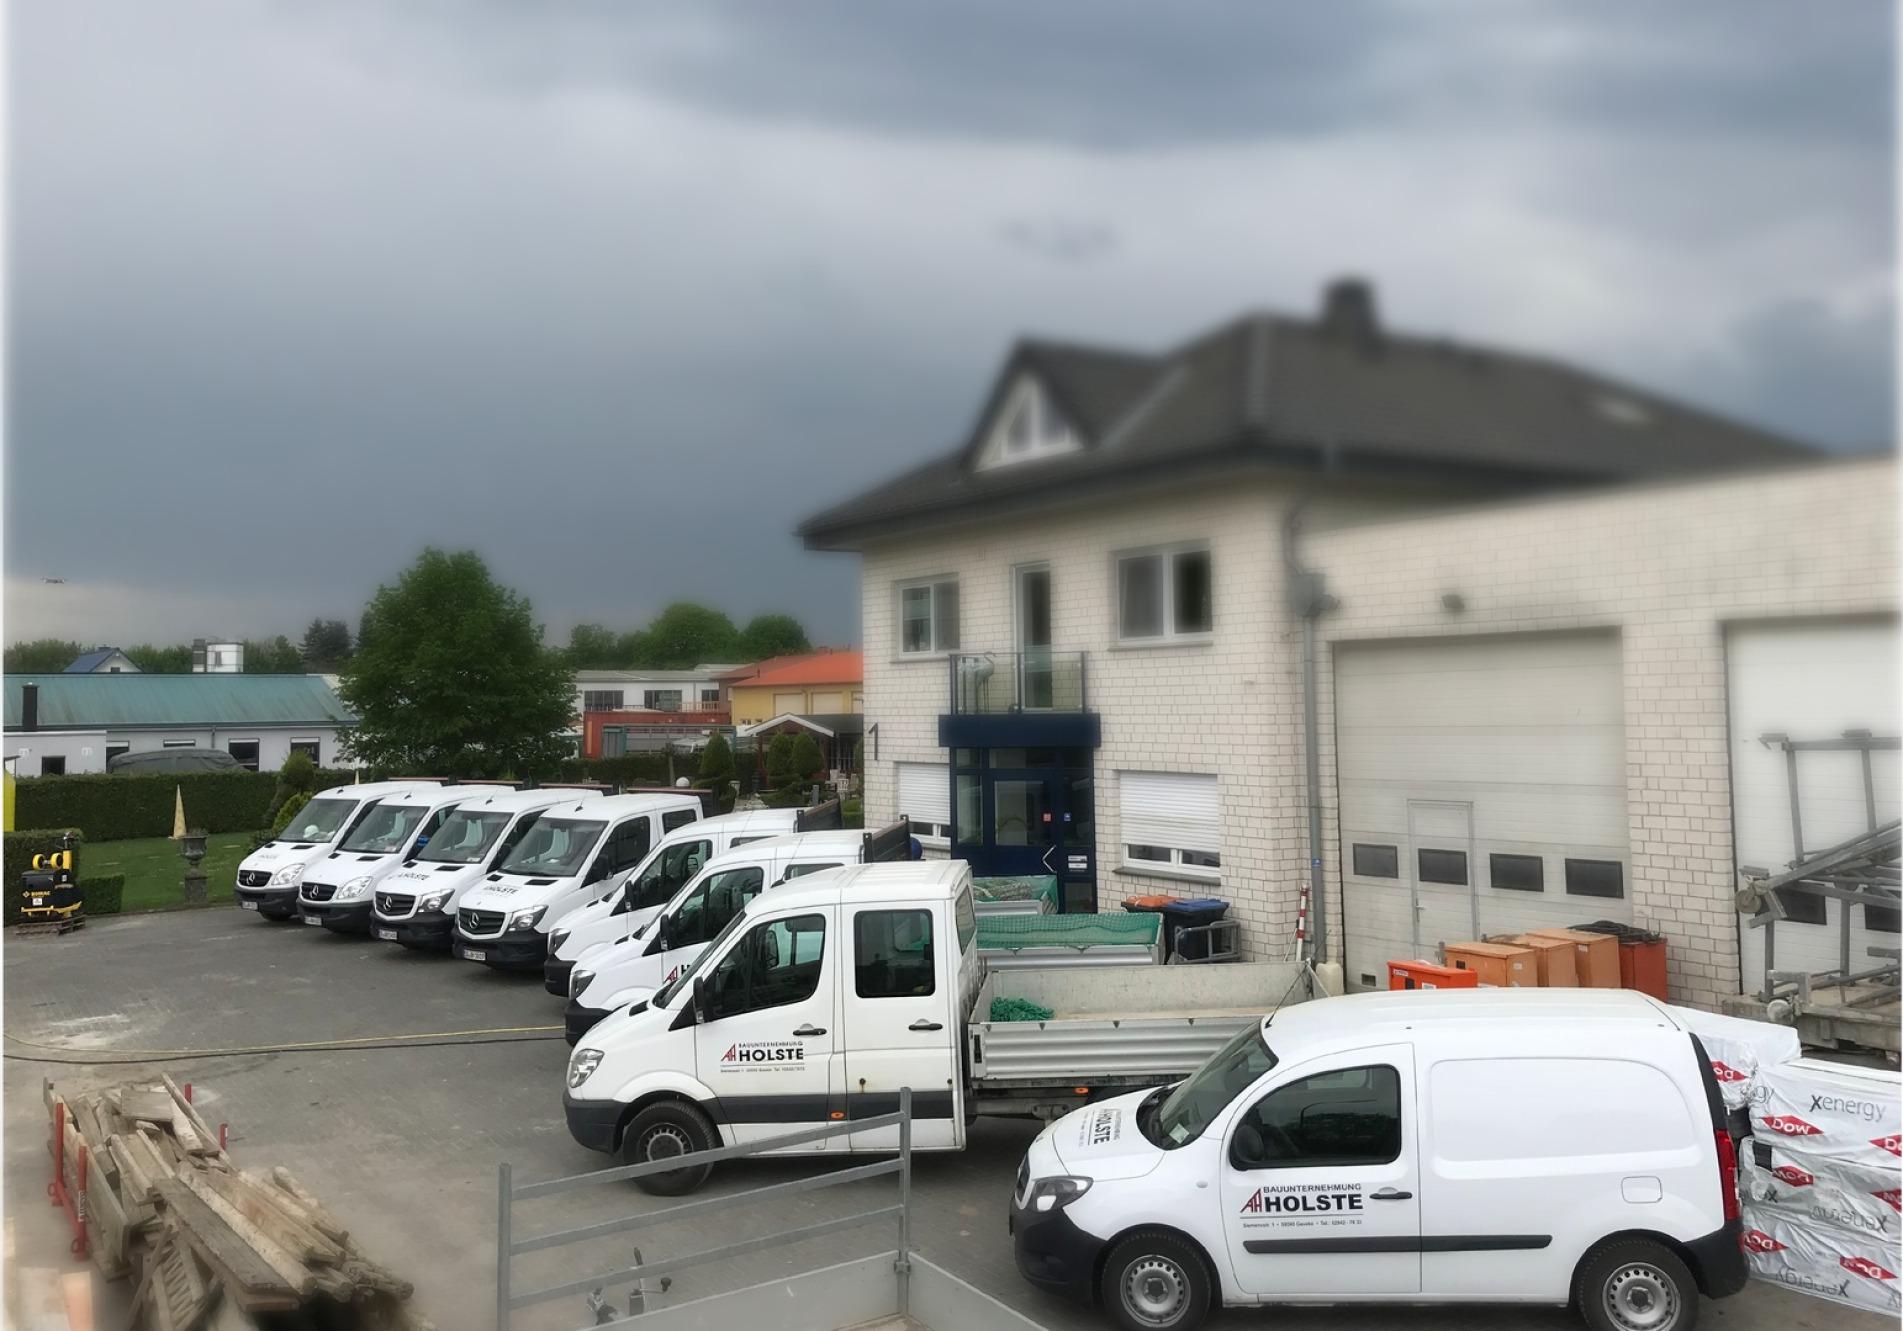 Bauunternehmen Soest andreas holste bauunternehmung unternehmen